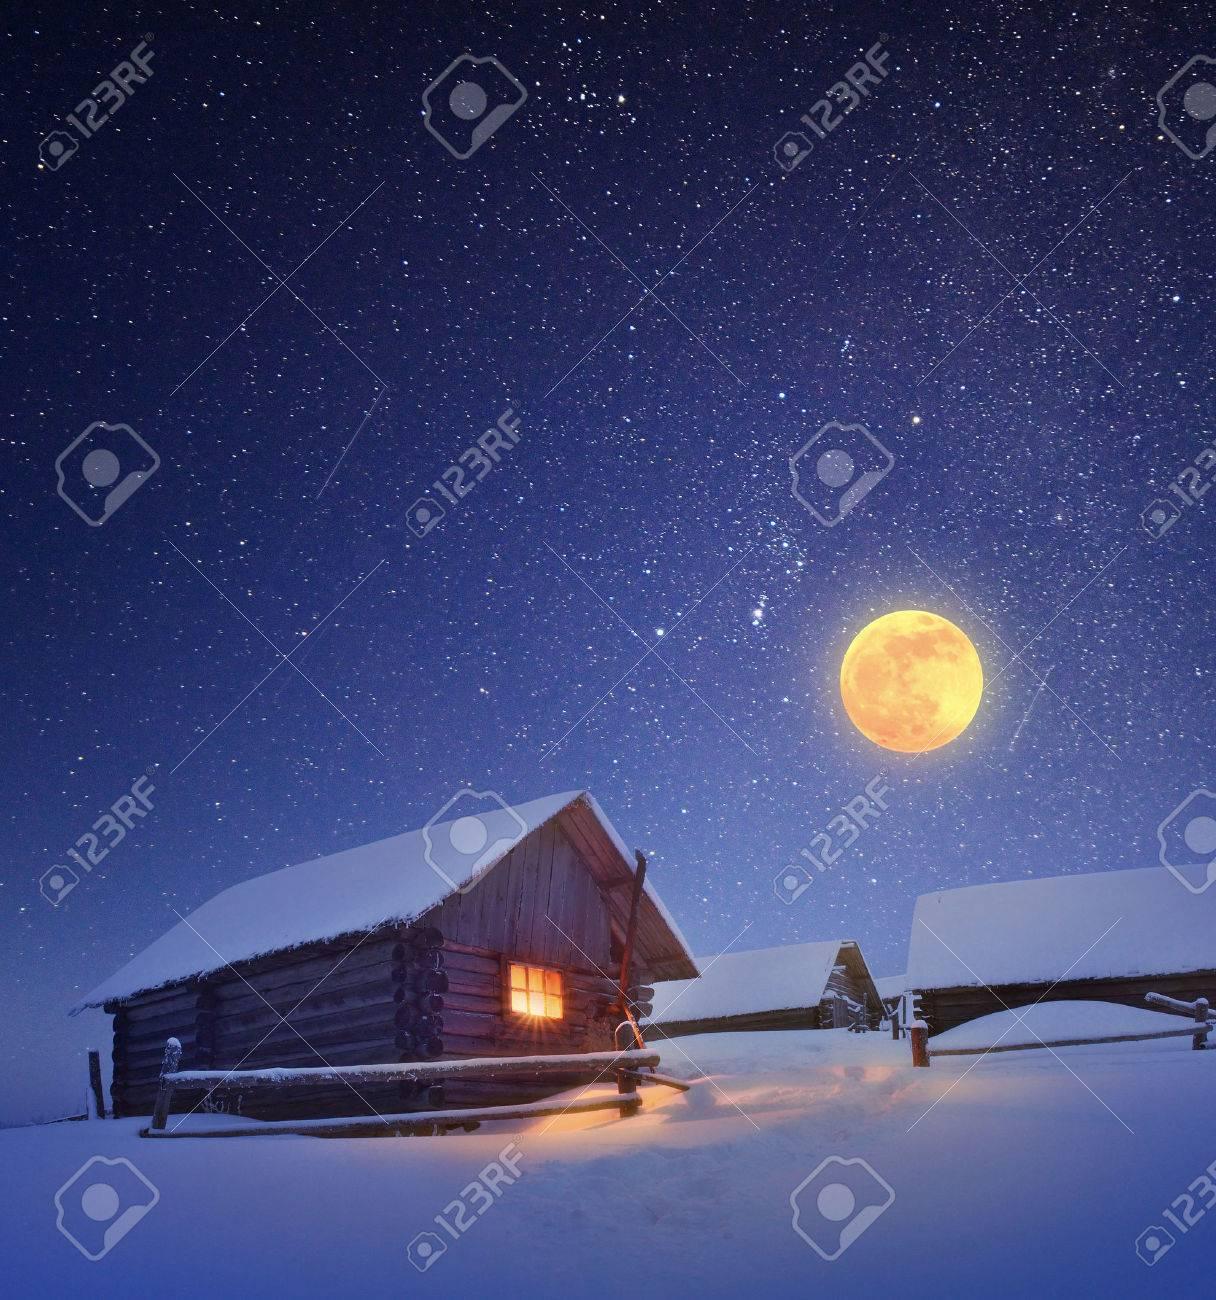 Paysage d'hiver avec un ciel étoilé et la pleine lune La lumière dans la cabine dans les montagnes Banque d'images - 23799306